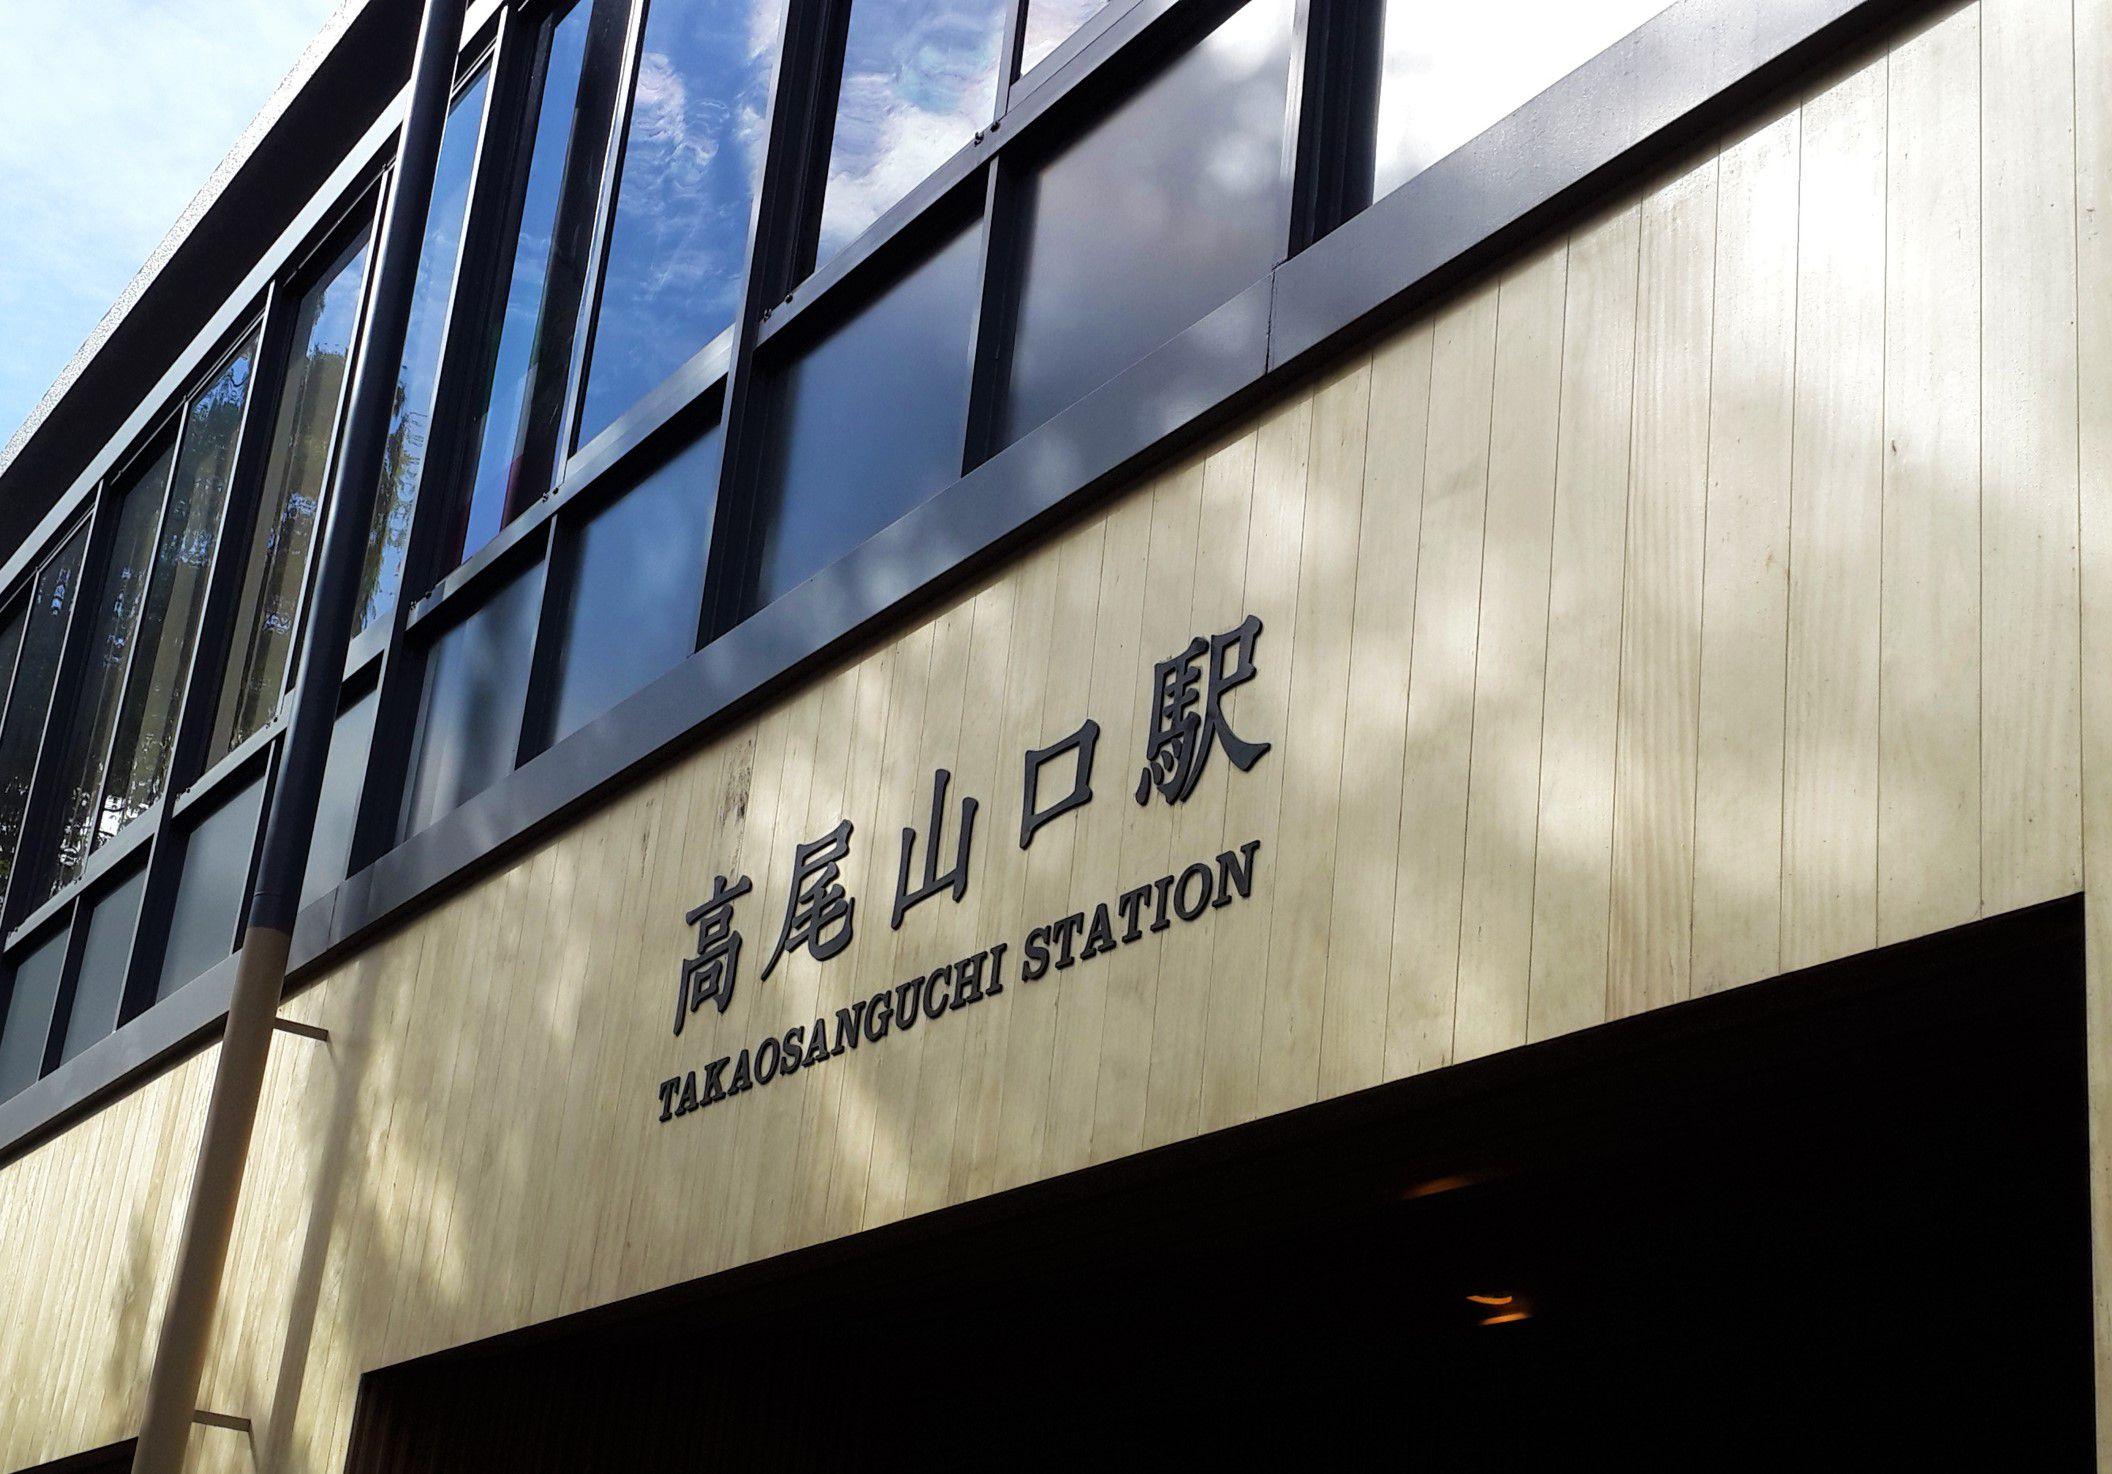 เดินทางไปดูใบไม้เปลี่ยนสี ไปทางสถานีทาคาโอะซังกุจิ (Takaosanguchi)